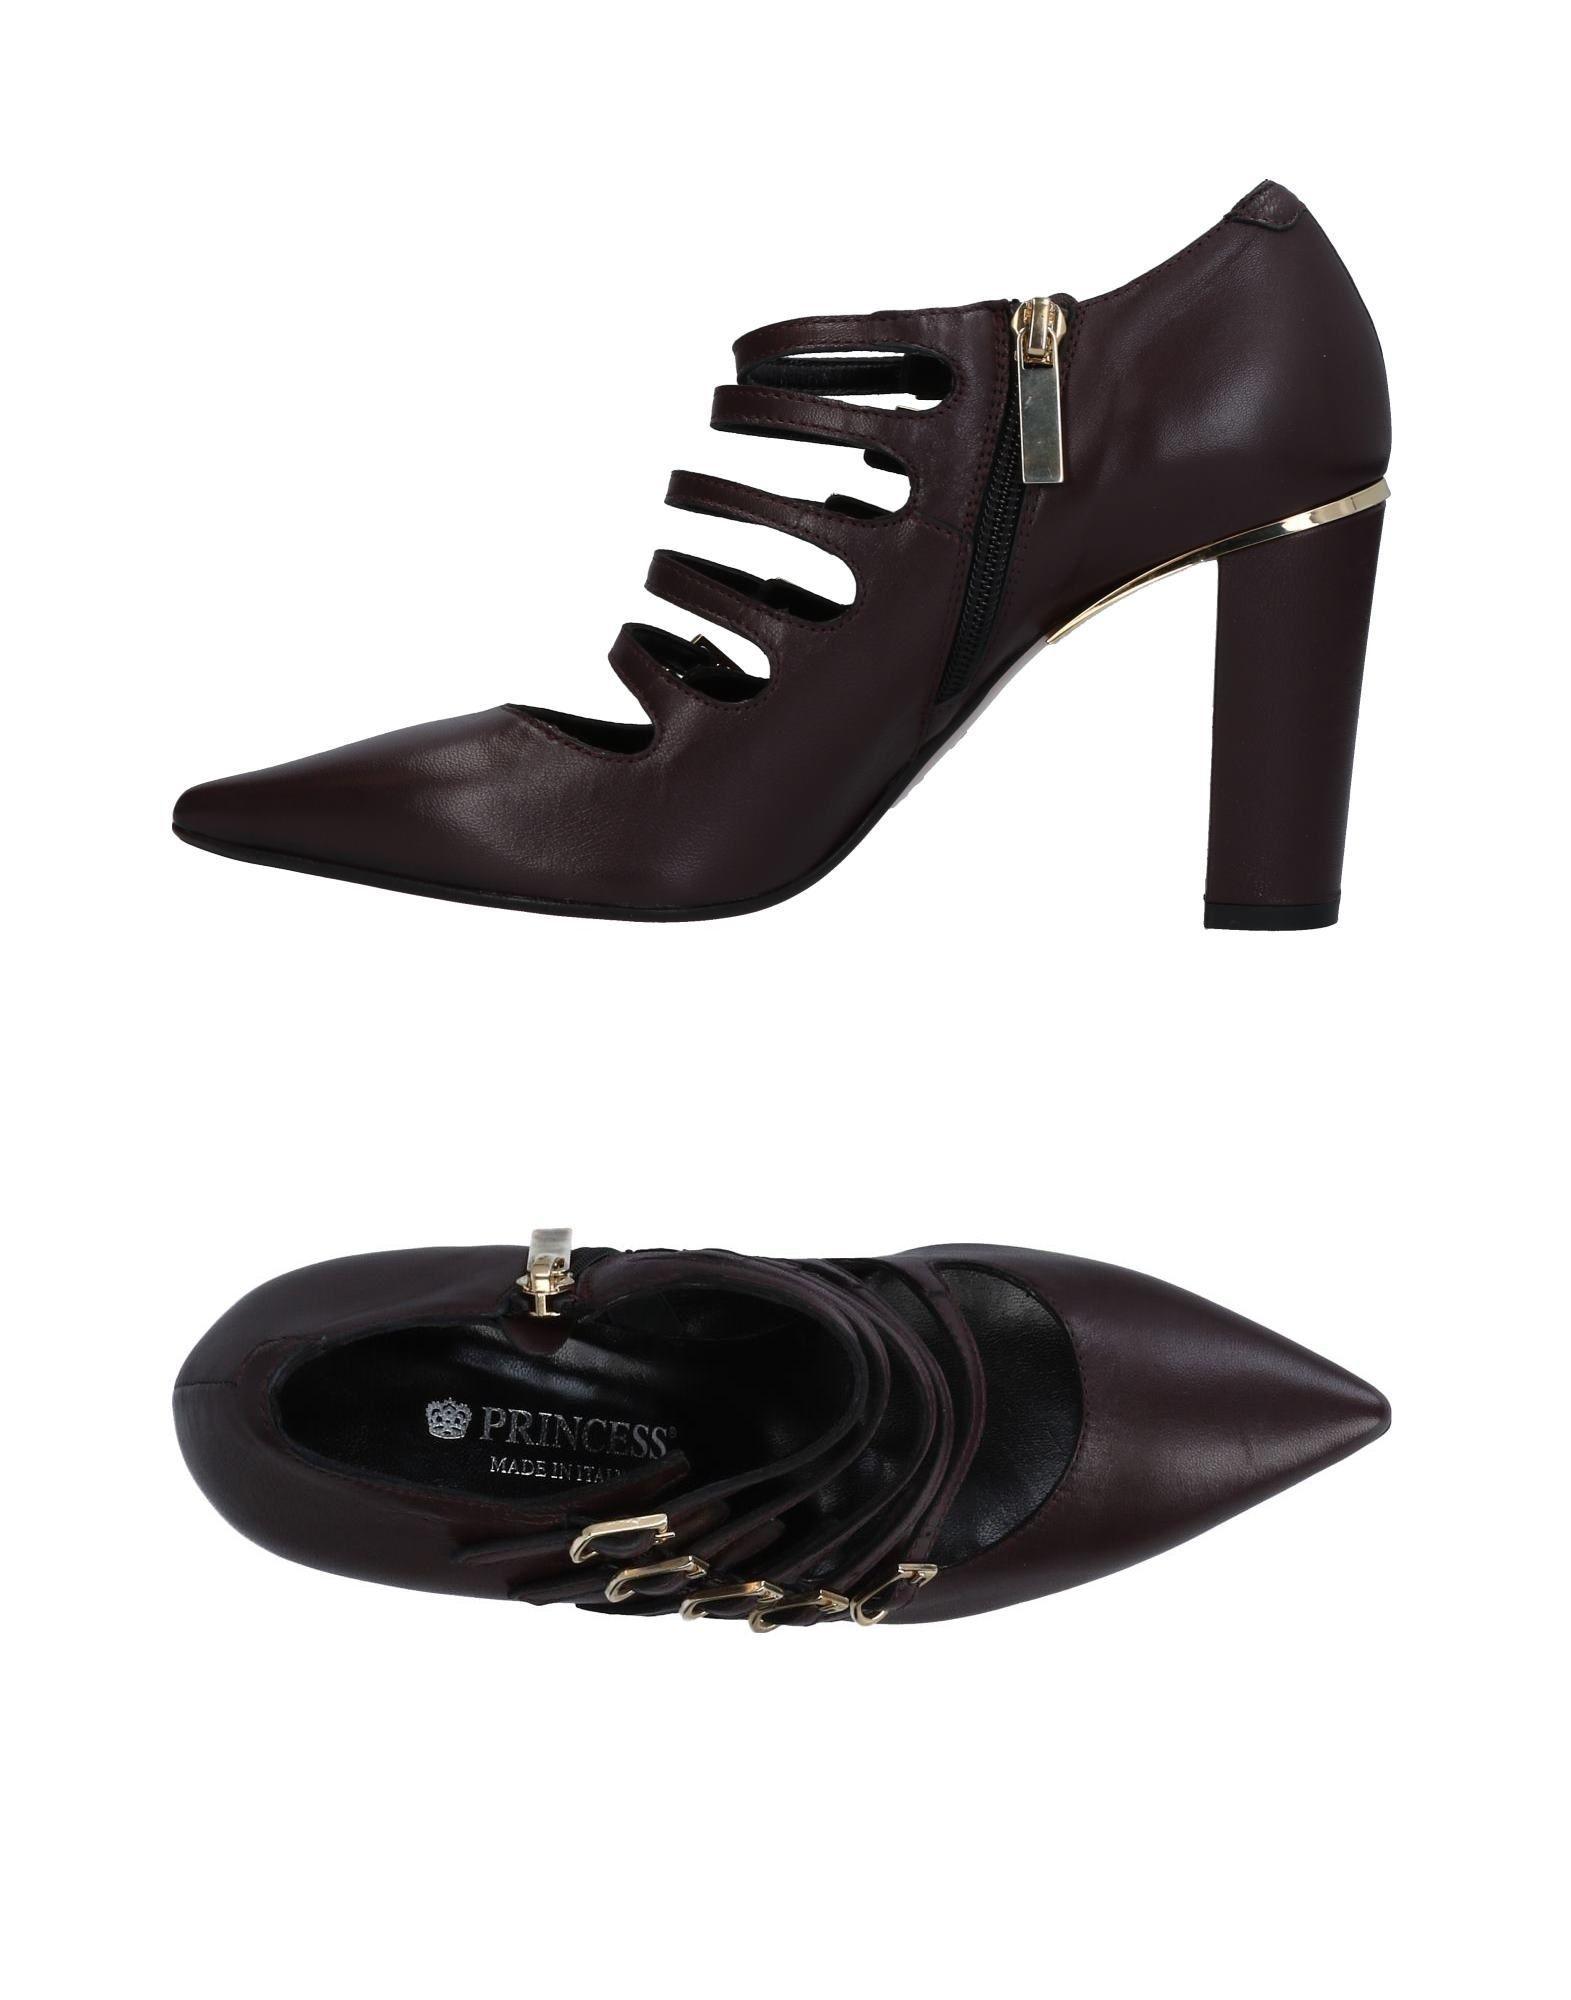 Princess® Bologna Pumps Qualität Damen  11457669LU Gute Qualität Pumps beliebte Schuhe 3f1cb1